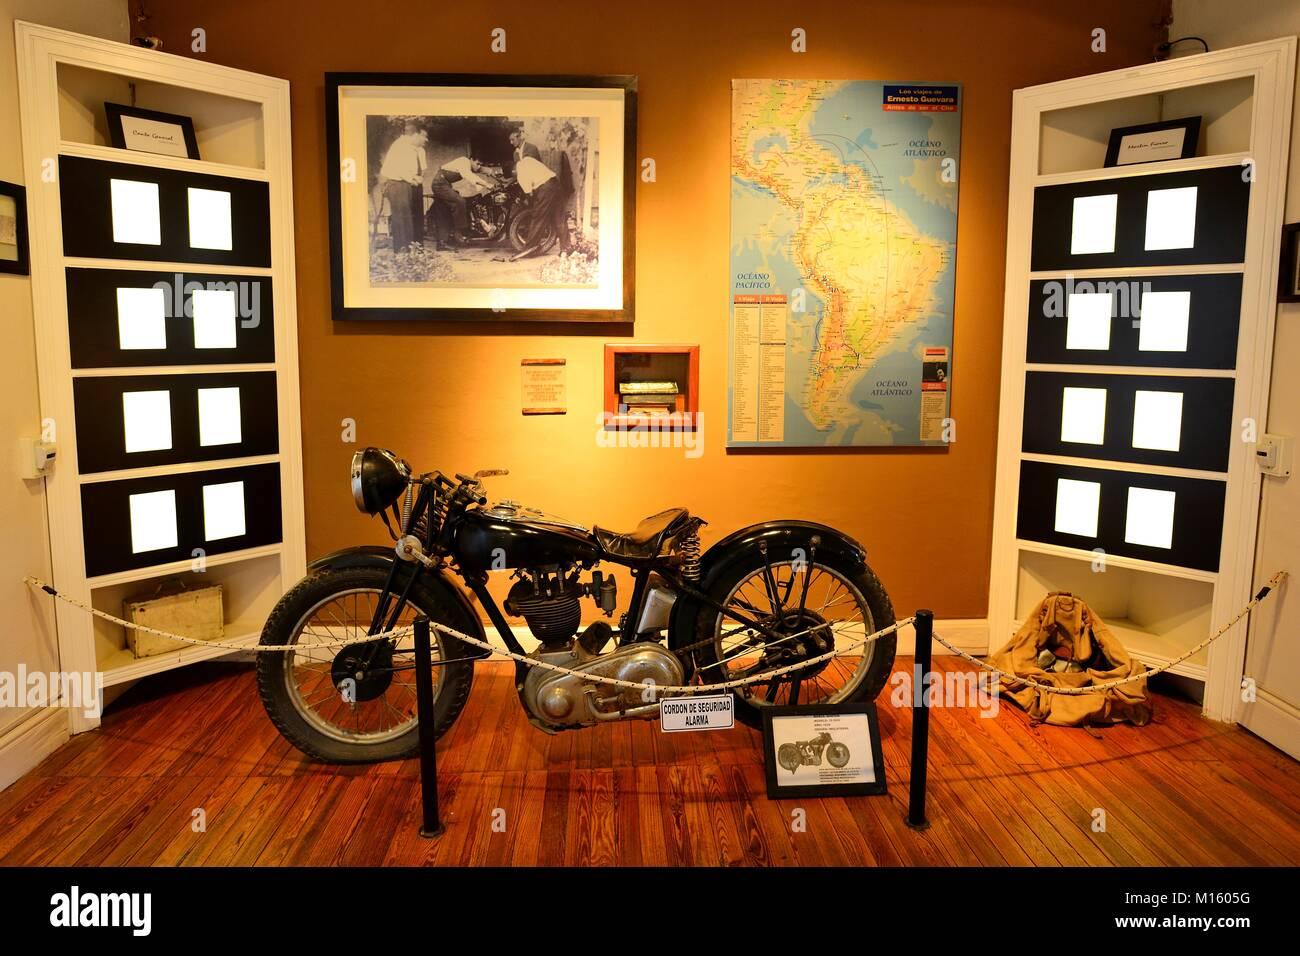 Motorrad von Ernesto Che Guevara, Museo Casa del Che, Alta Gracia, Provinz Córdoba, Argentinien Stockbild